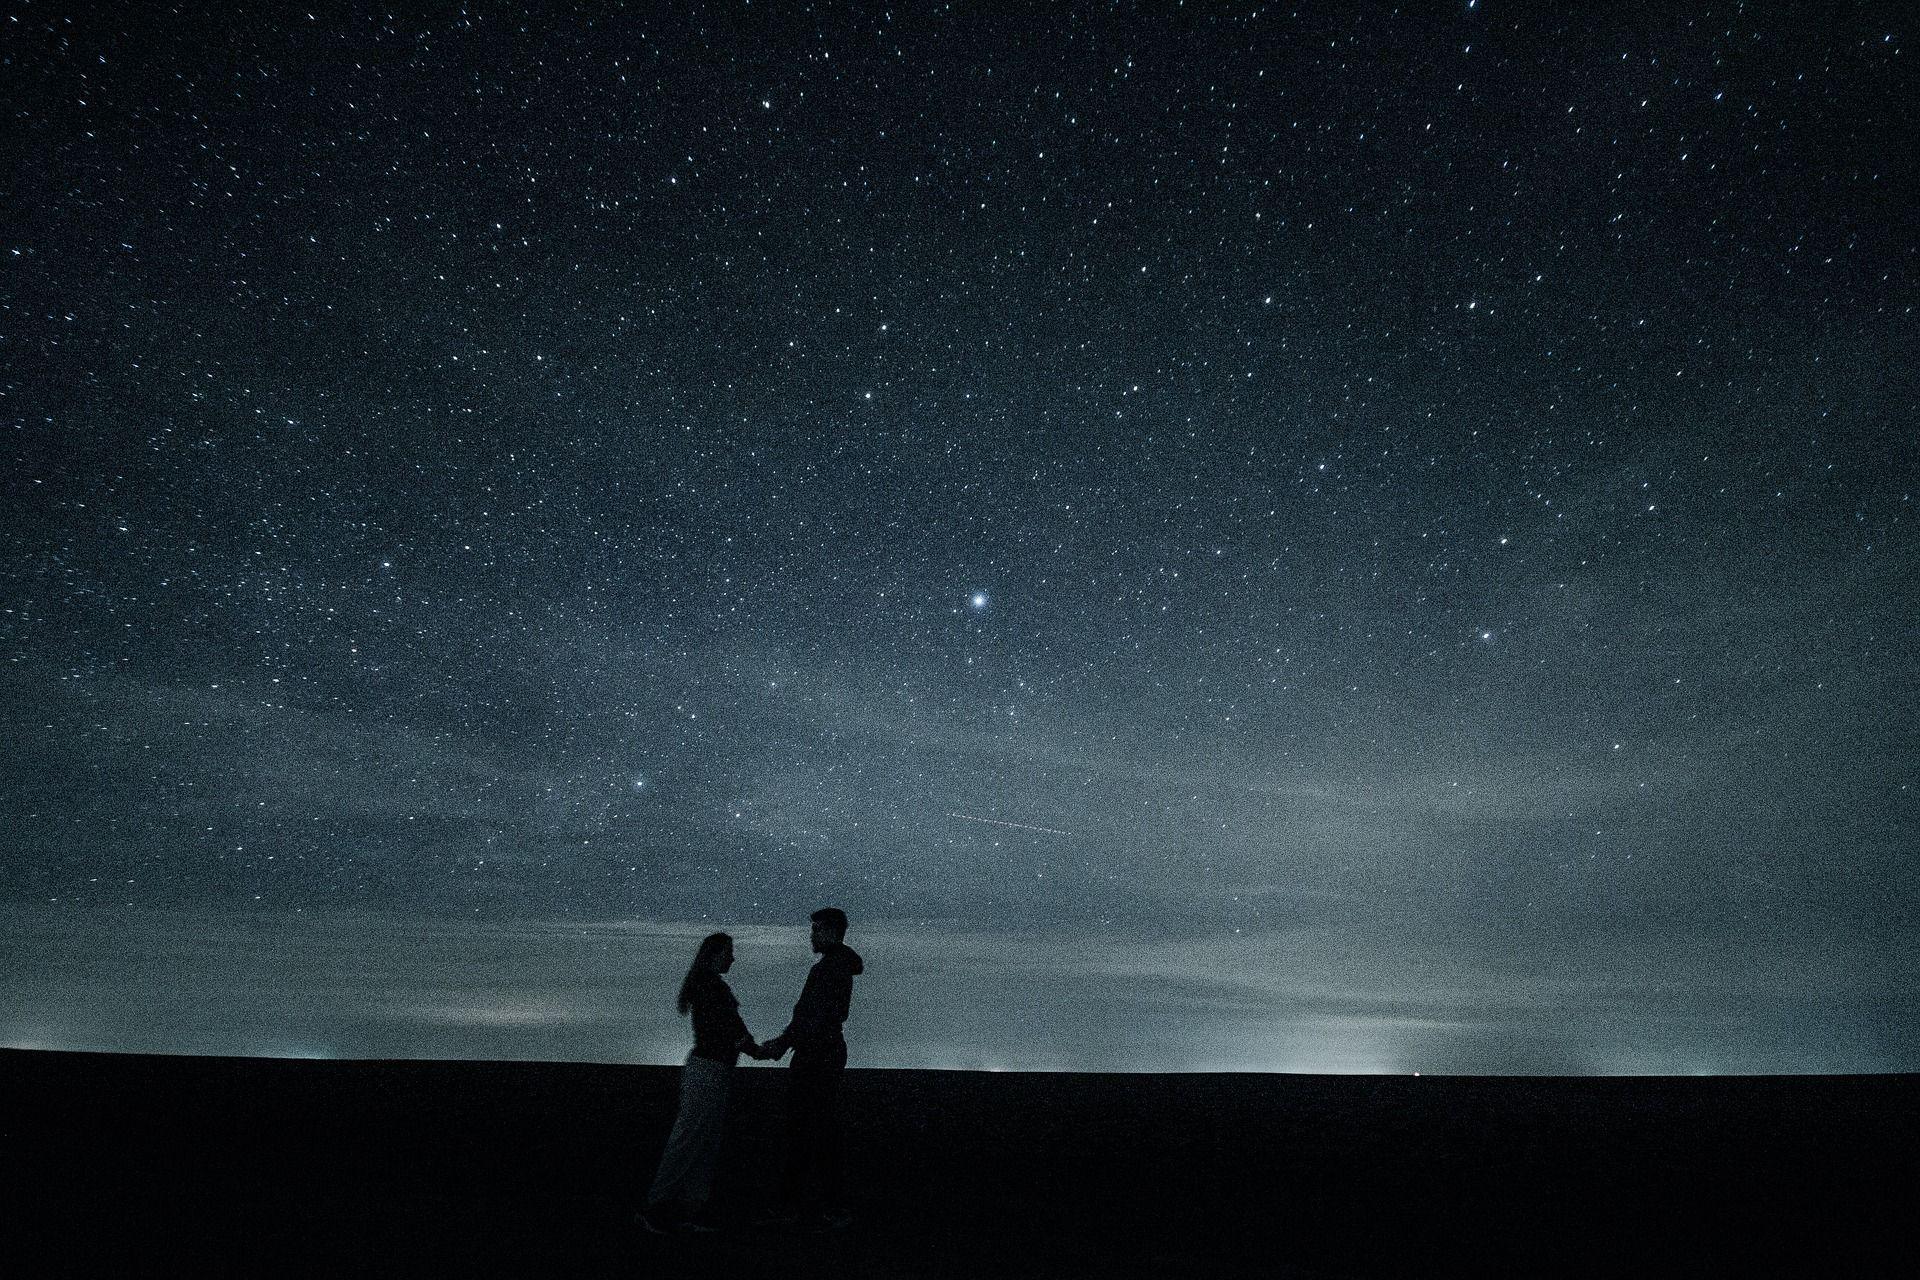 2020十二星座5/10~5/23感情運勢出爐!金星開始逆行,哪些星座愛情、婚姻將重燃熱情?